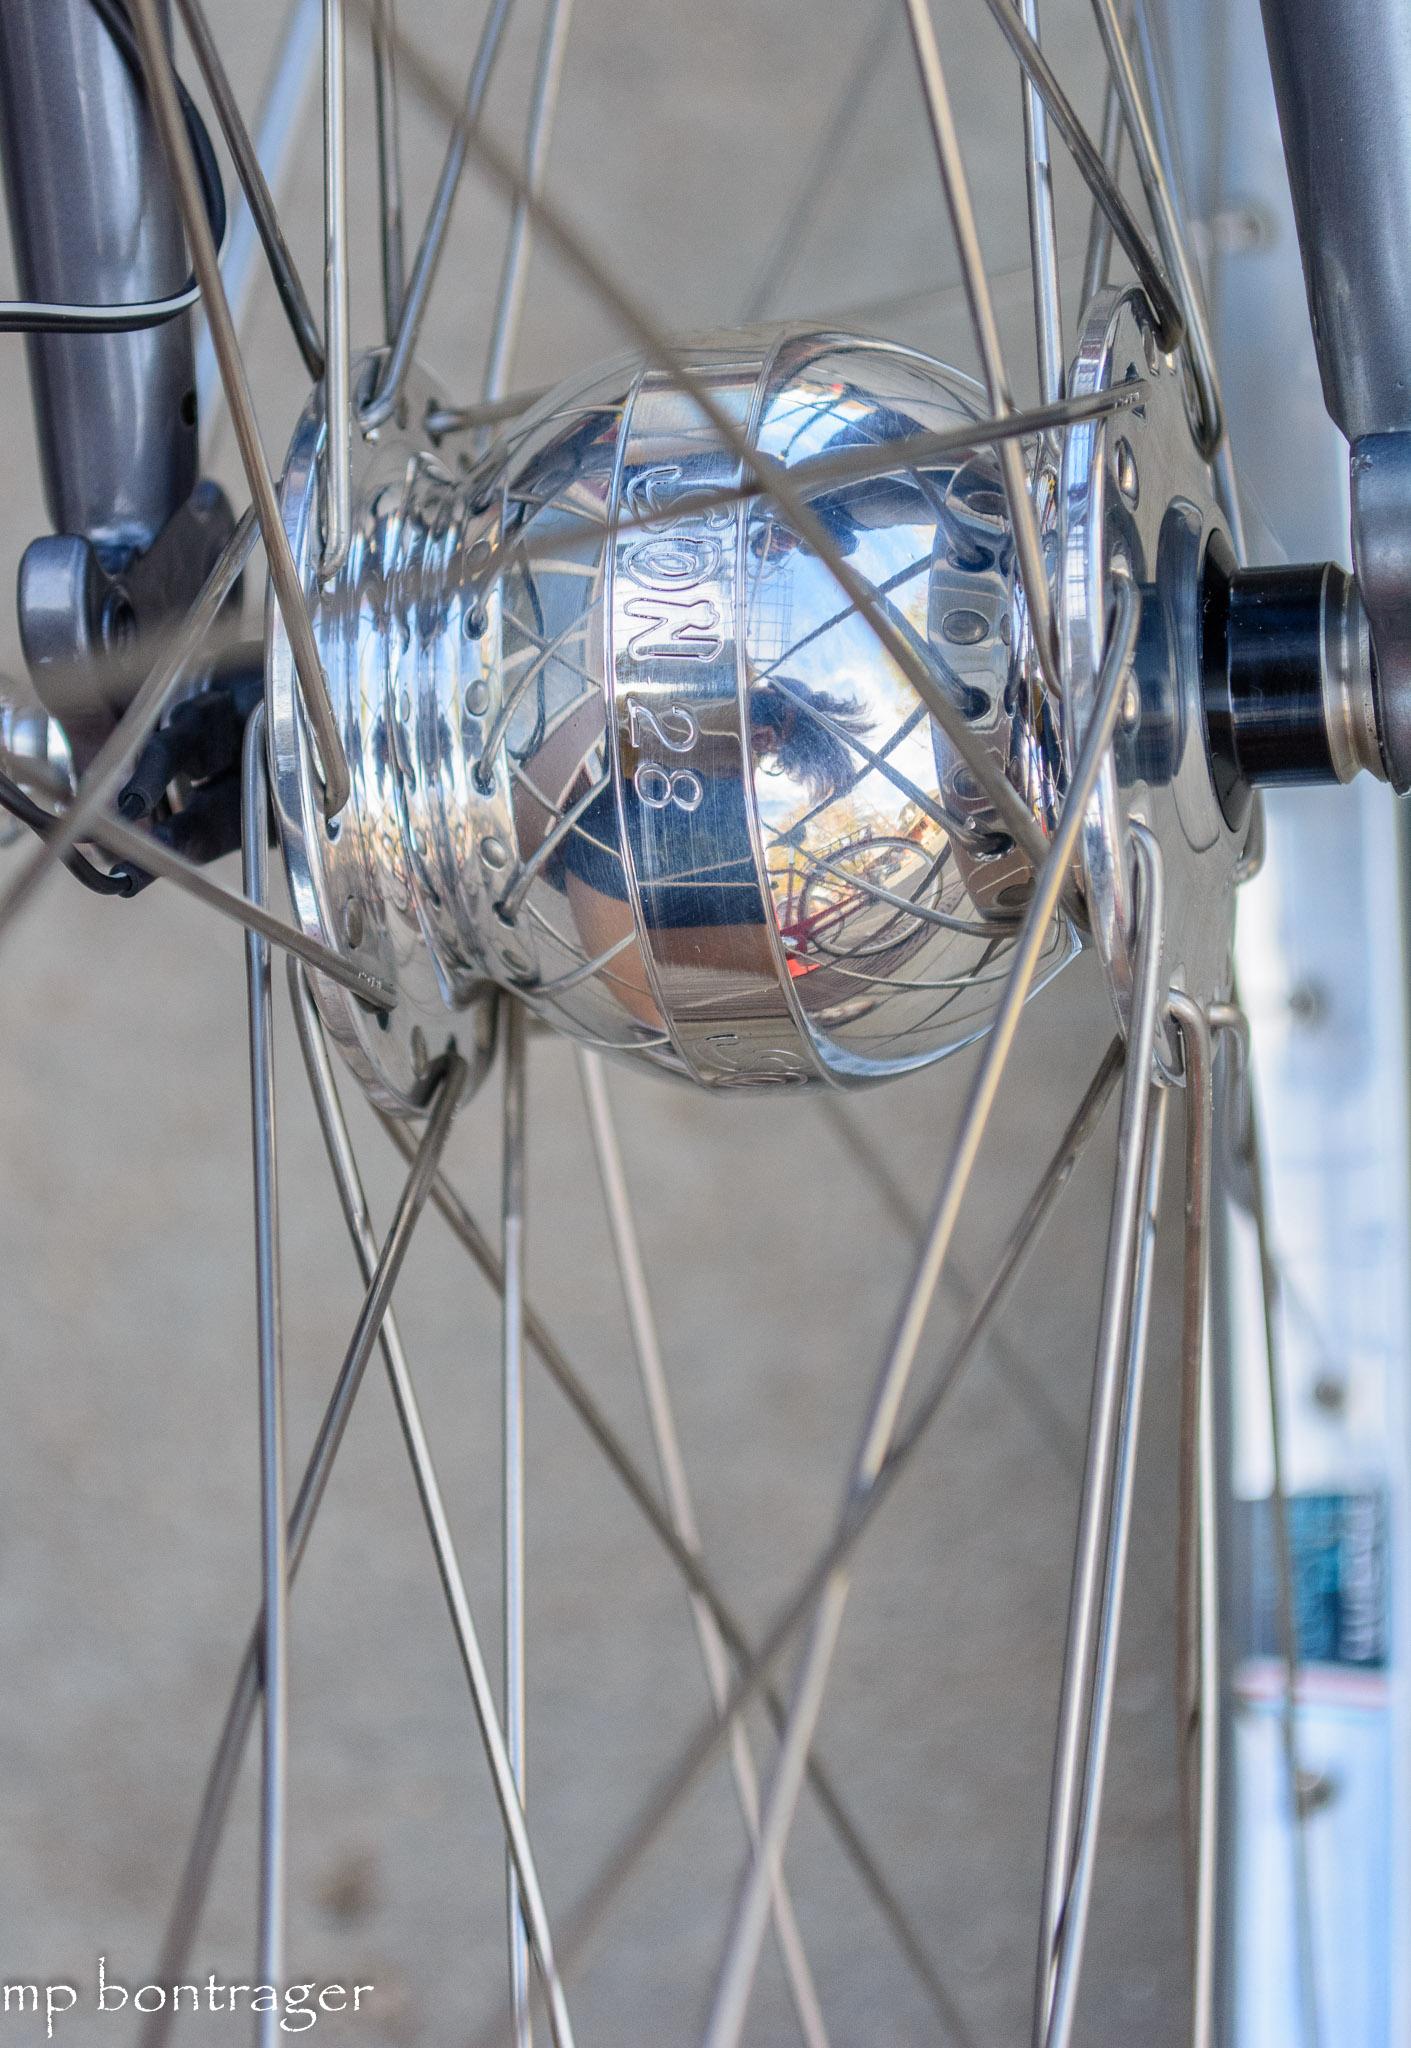 Schmidt hub in bespoke wheel set will power LED light system